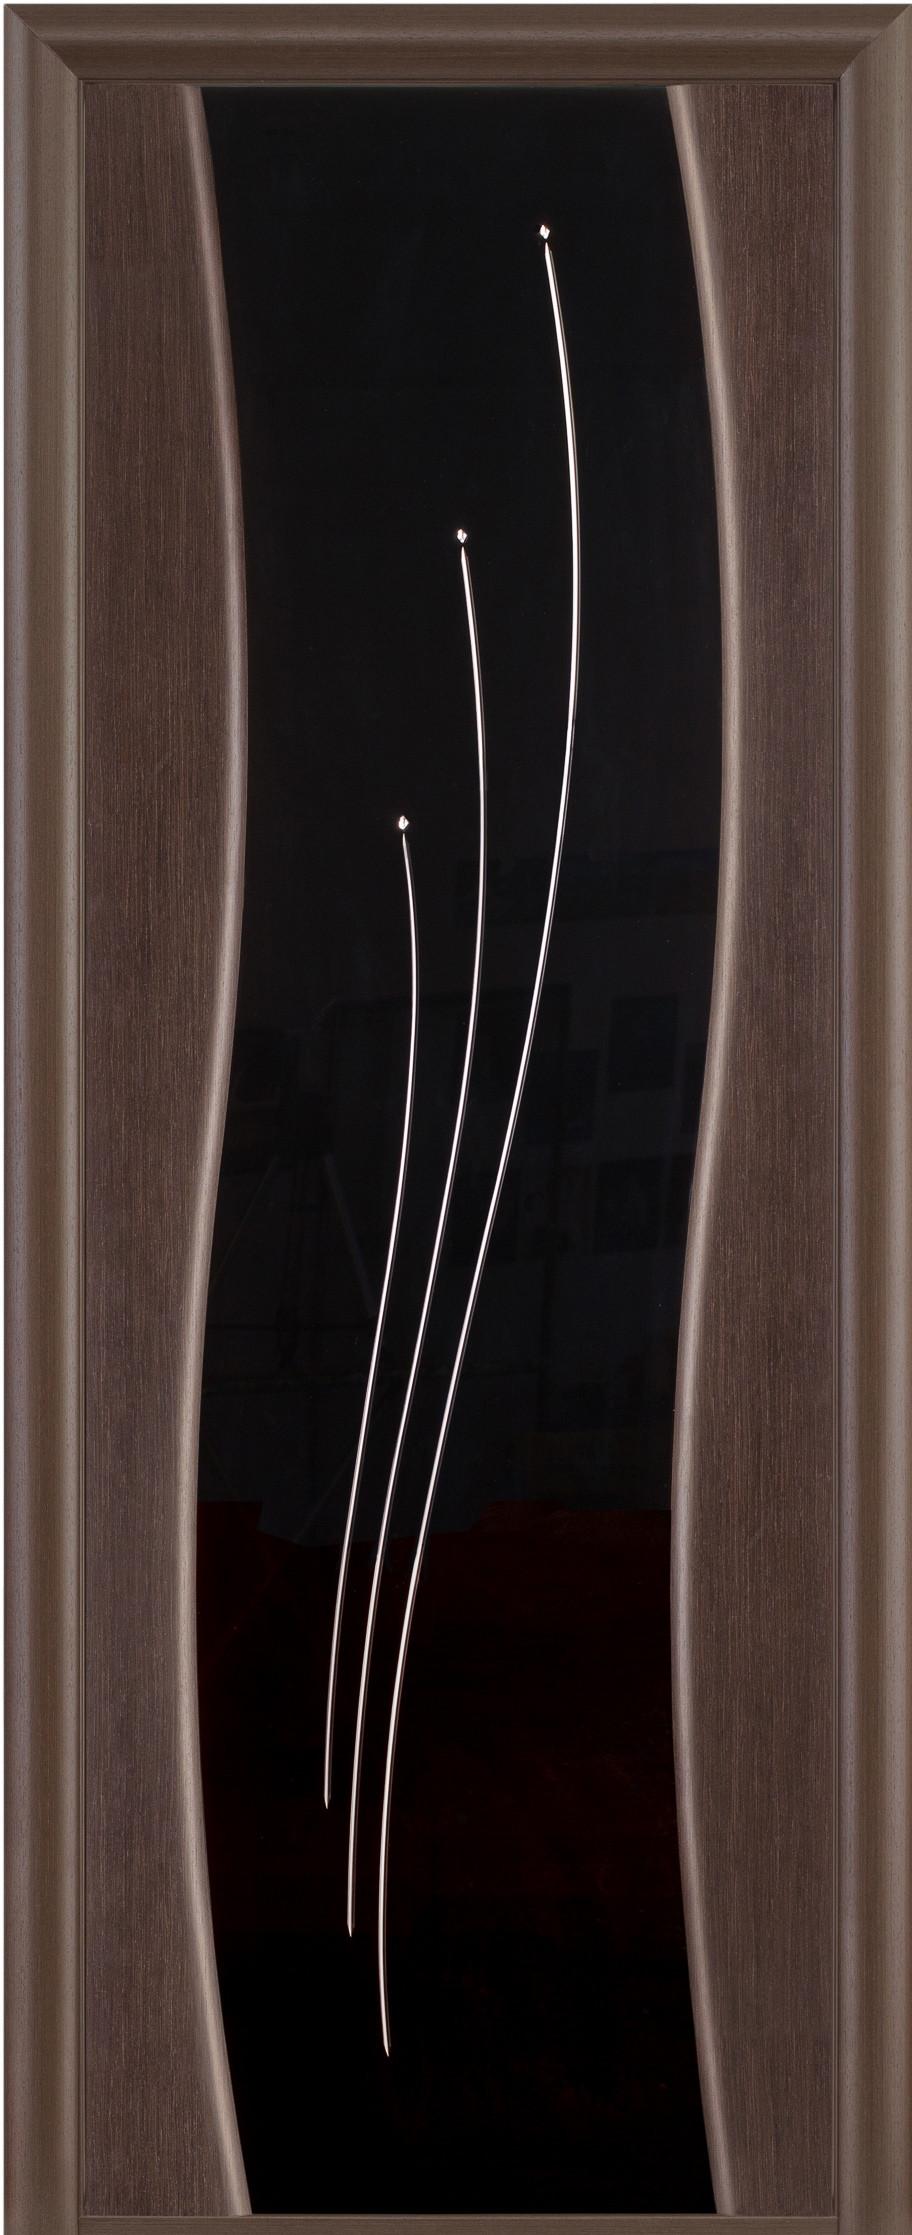 Цвет: Тонированный черный дуб, Остекление: Черное стекло